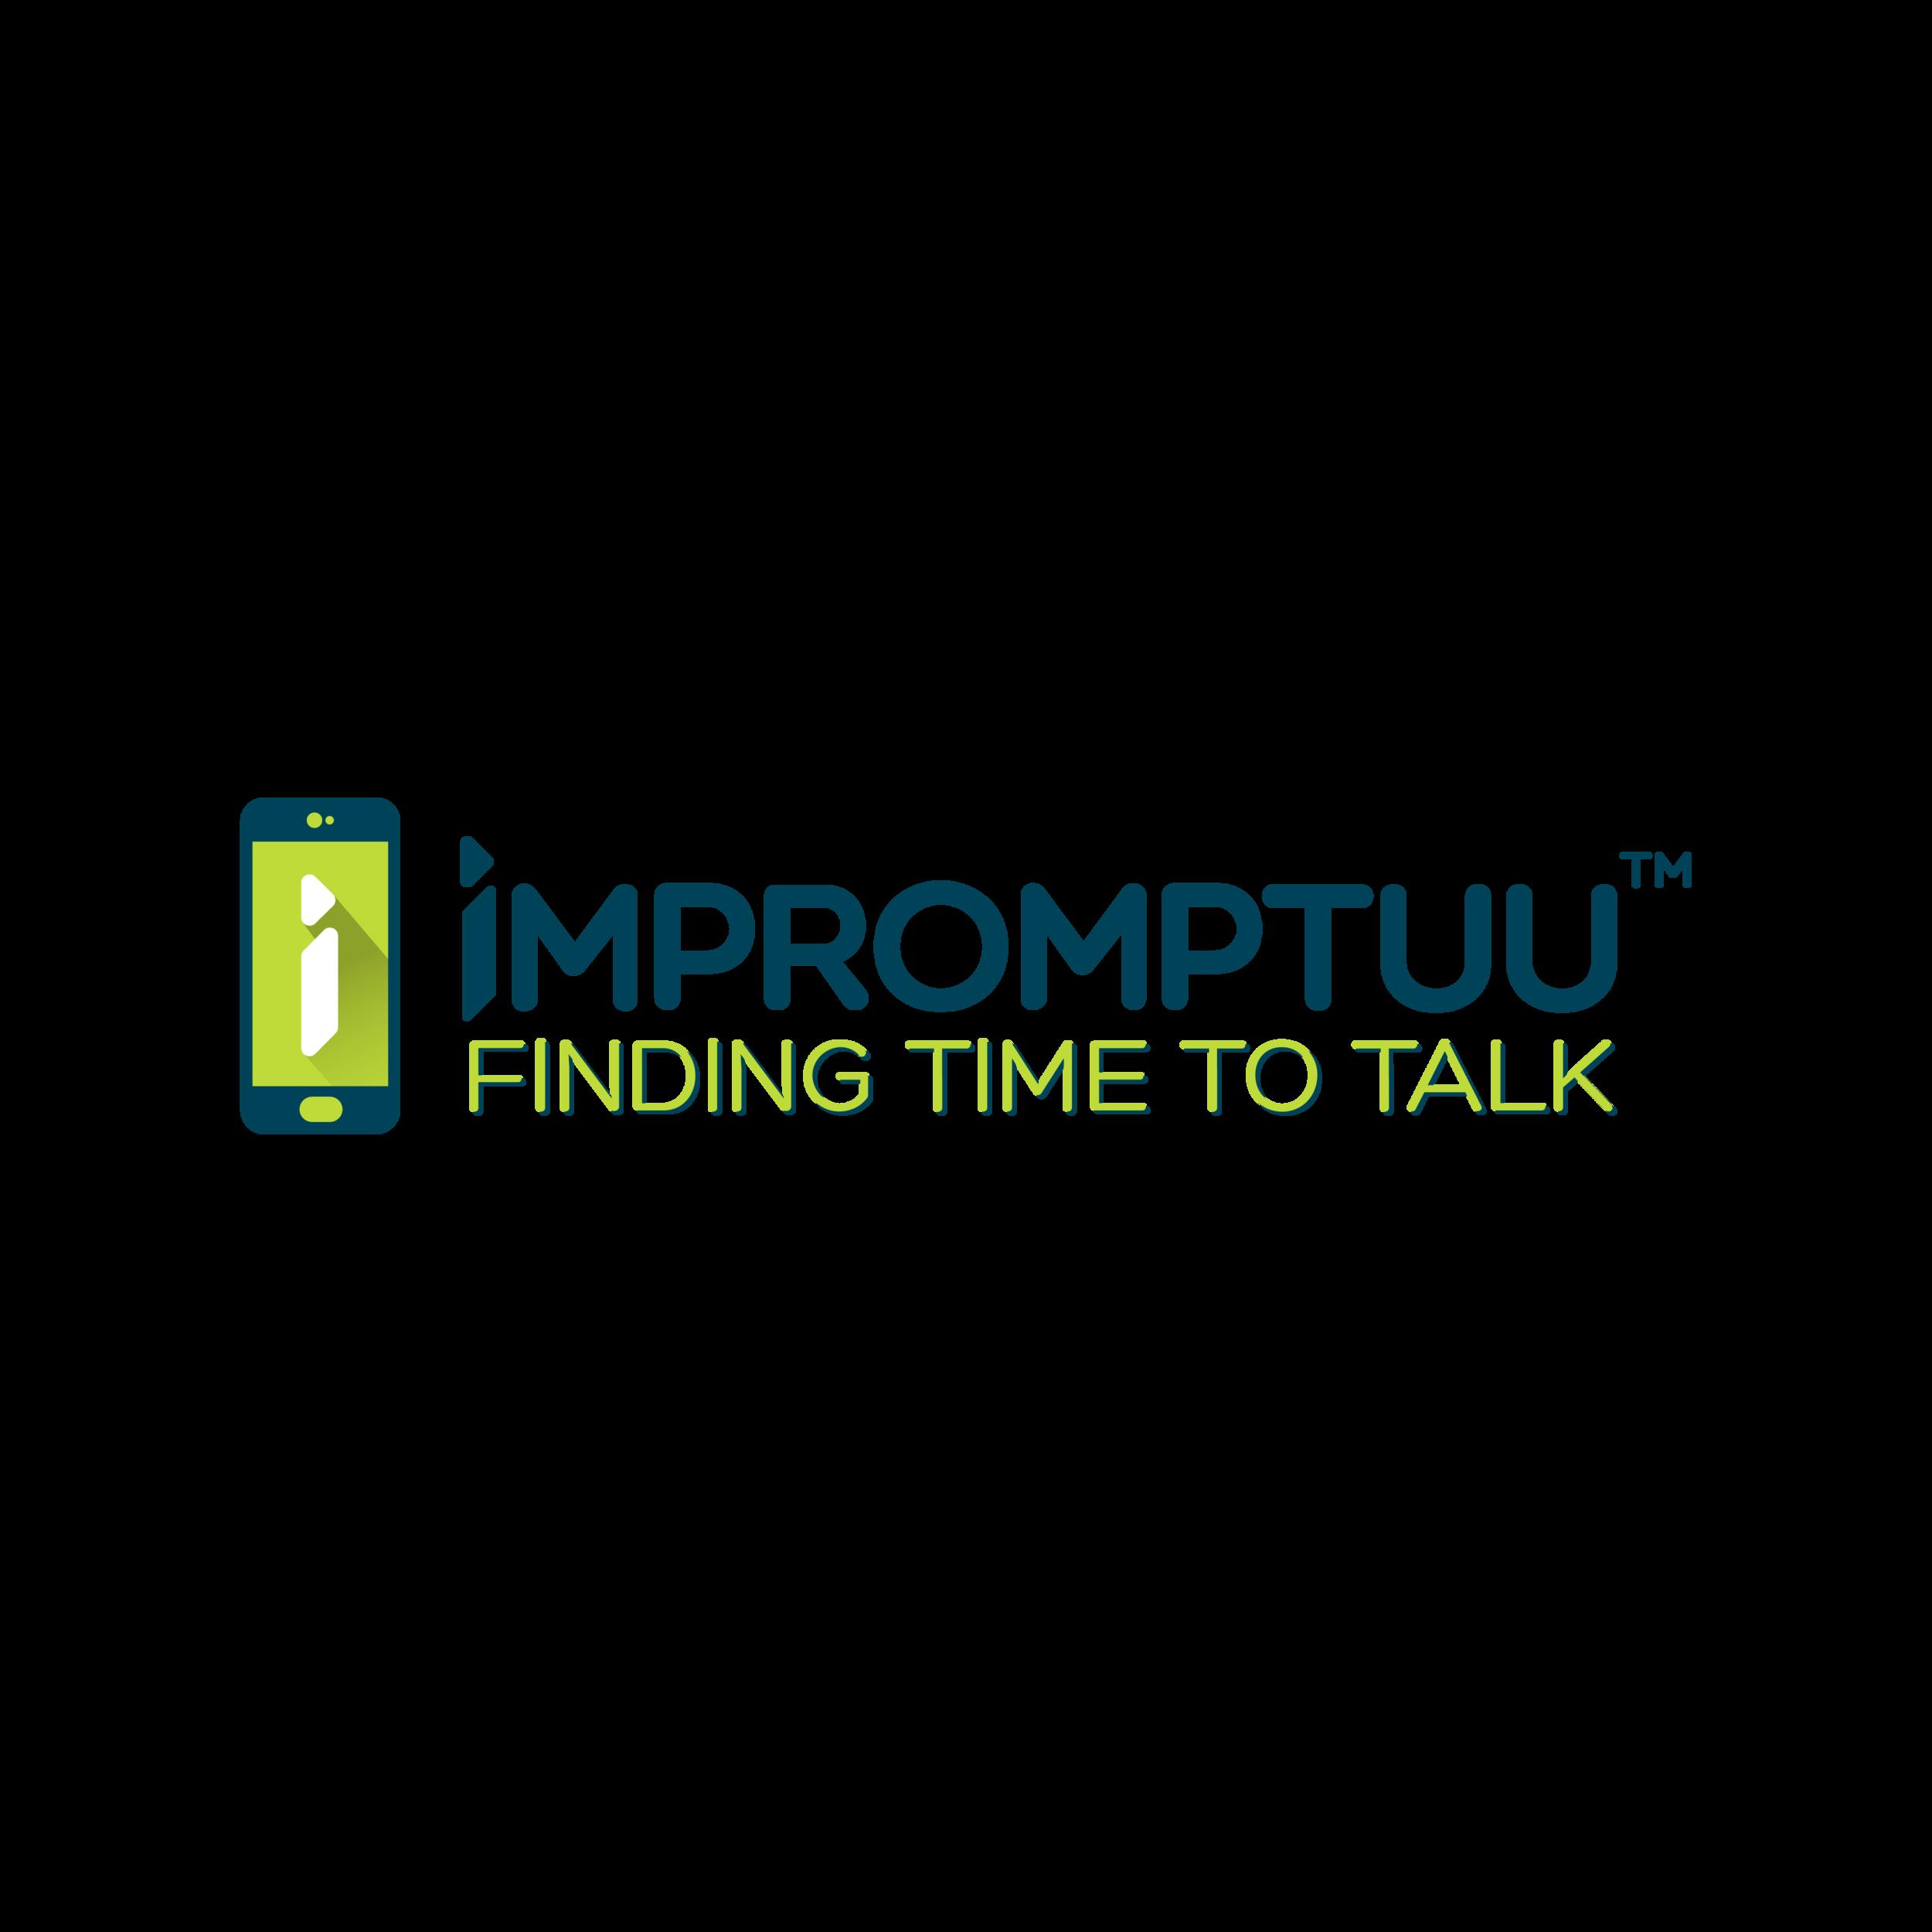 impromptuu-01.png